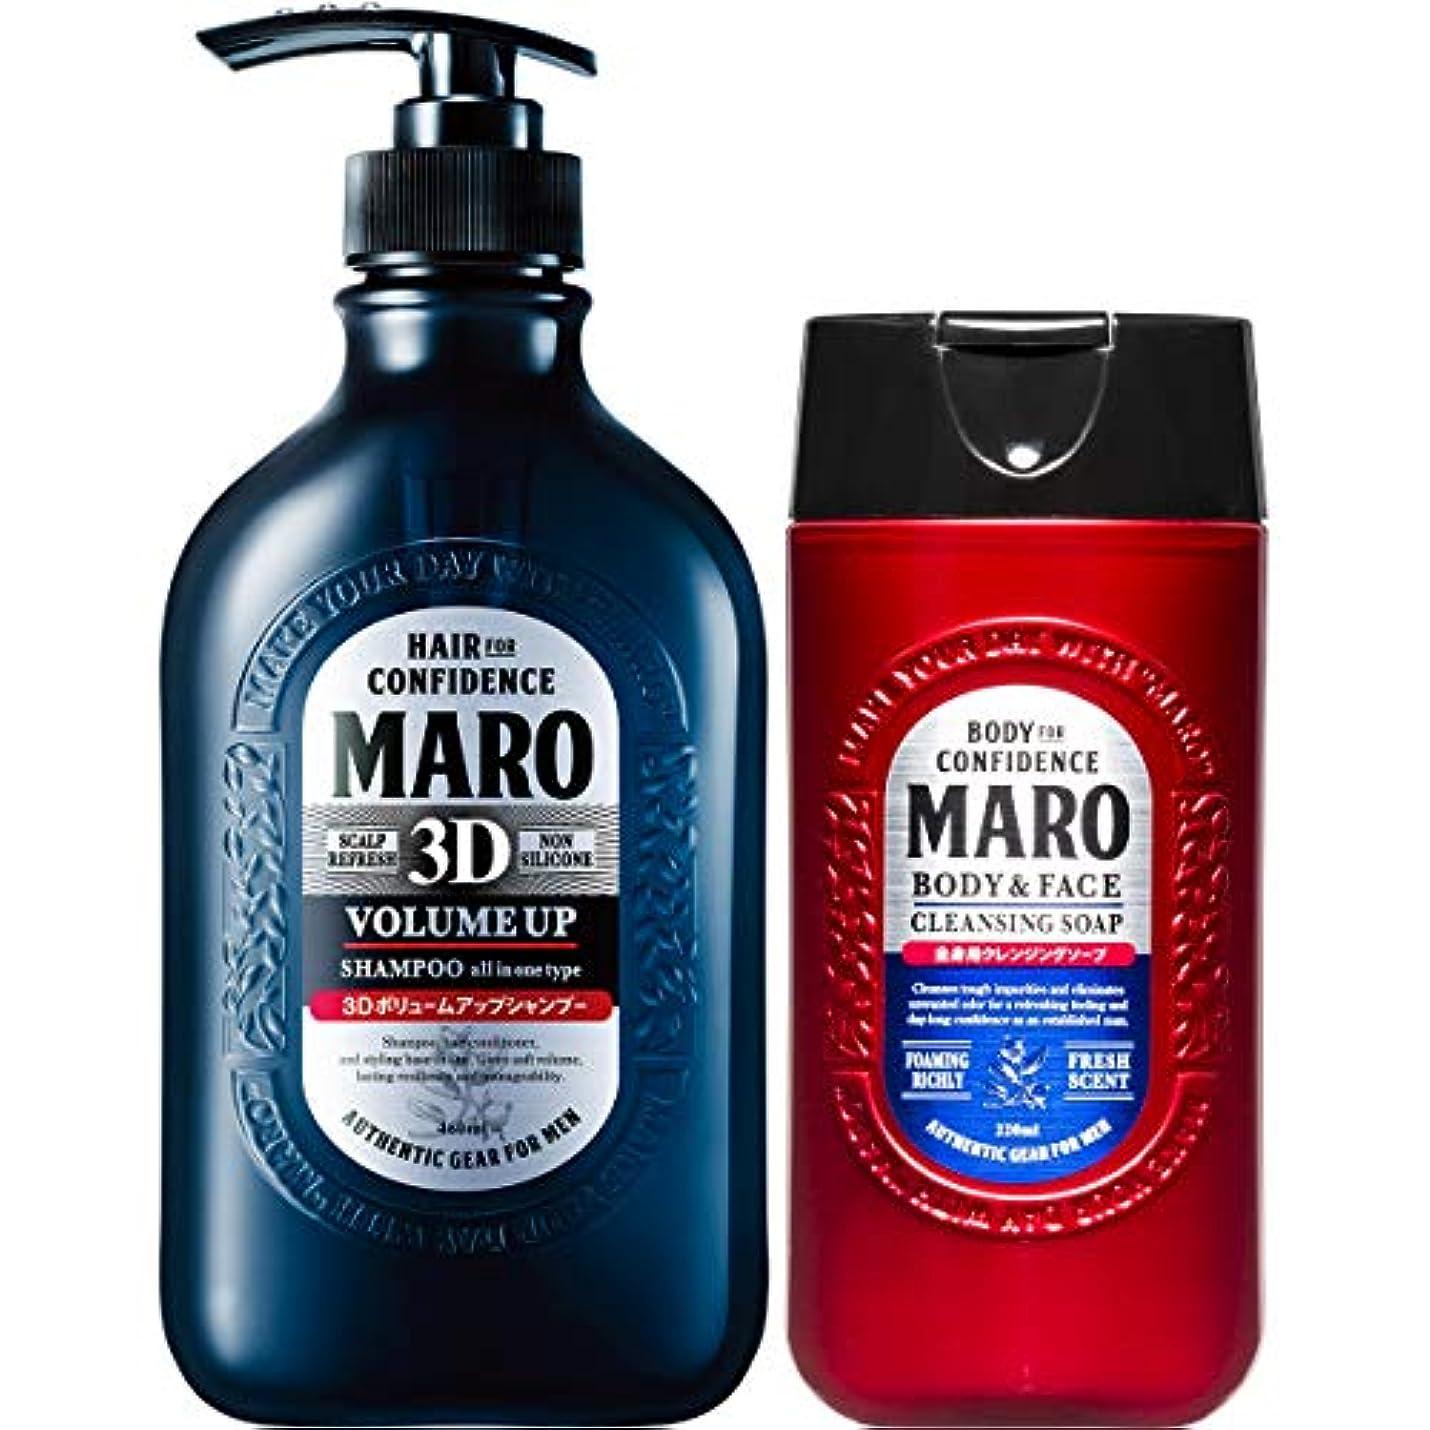 スーパー防ぐ痛みMARO(マーロ) ボリュームアップシャンプー、クレンジングソープ 本体 460ml+クレンジングソープ220ml